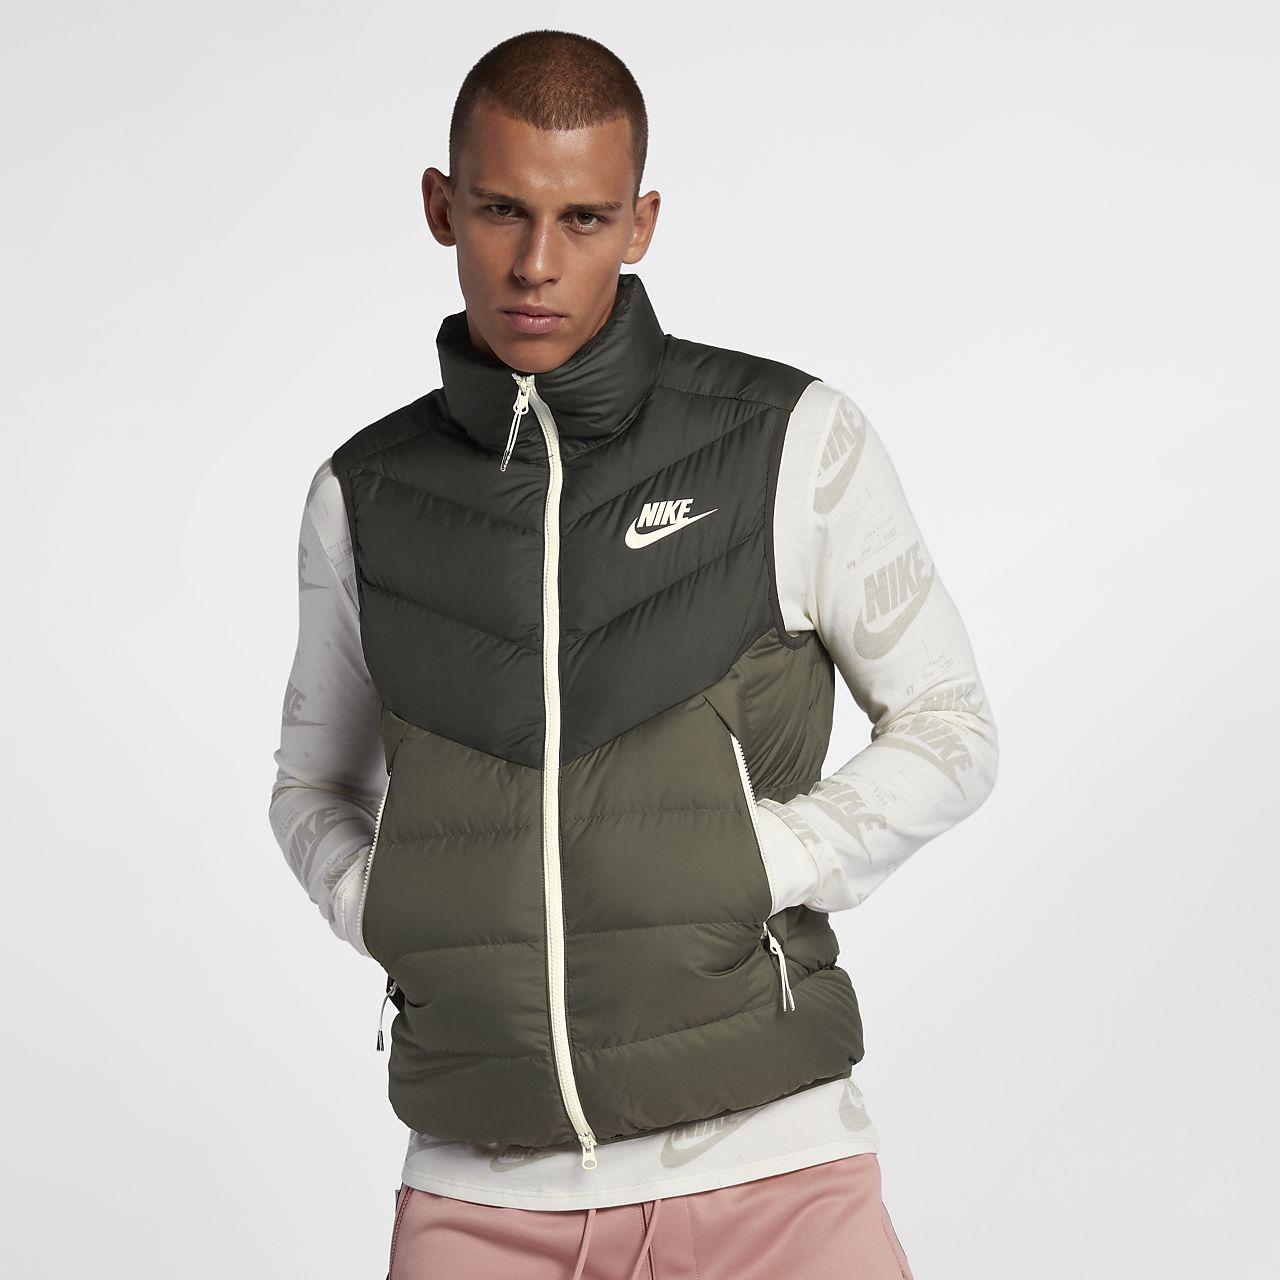 910140e9 Nike Fill Down Herre Jakke areestrore Windrunner Sportswear info leo  xxAraRwOWq